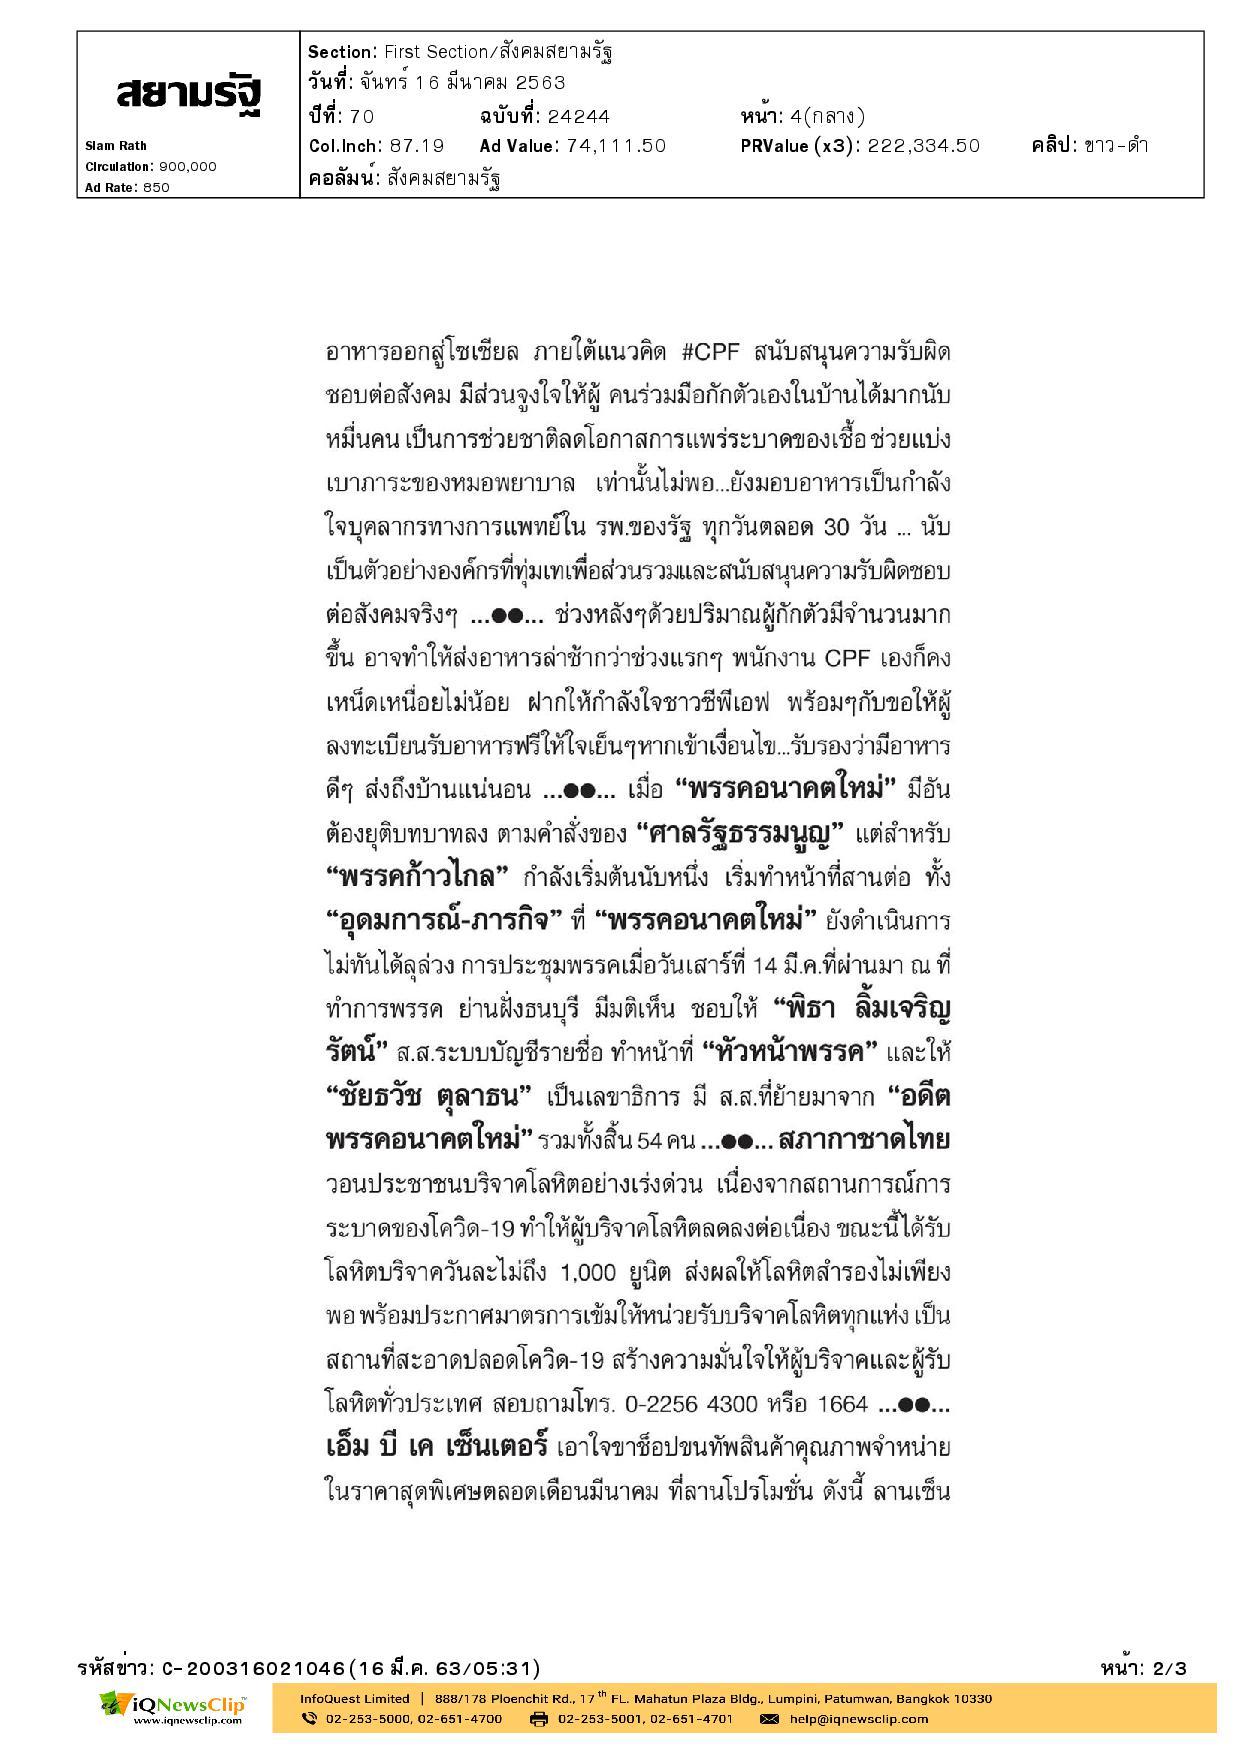 สภากาชาดไทย ชวนประชาชนร่วมบริจาคโลหิต